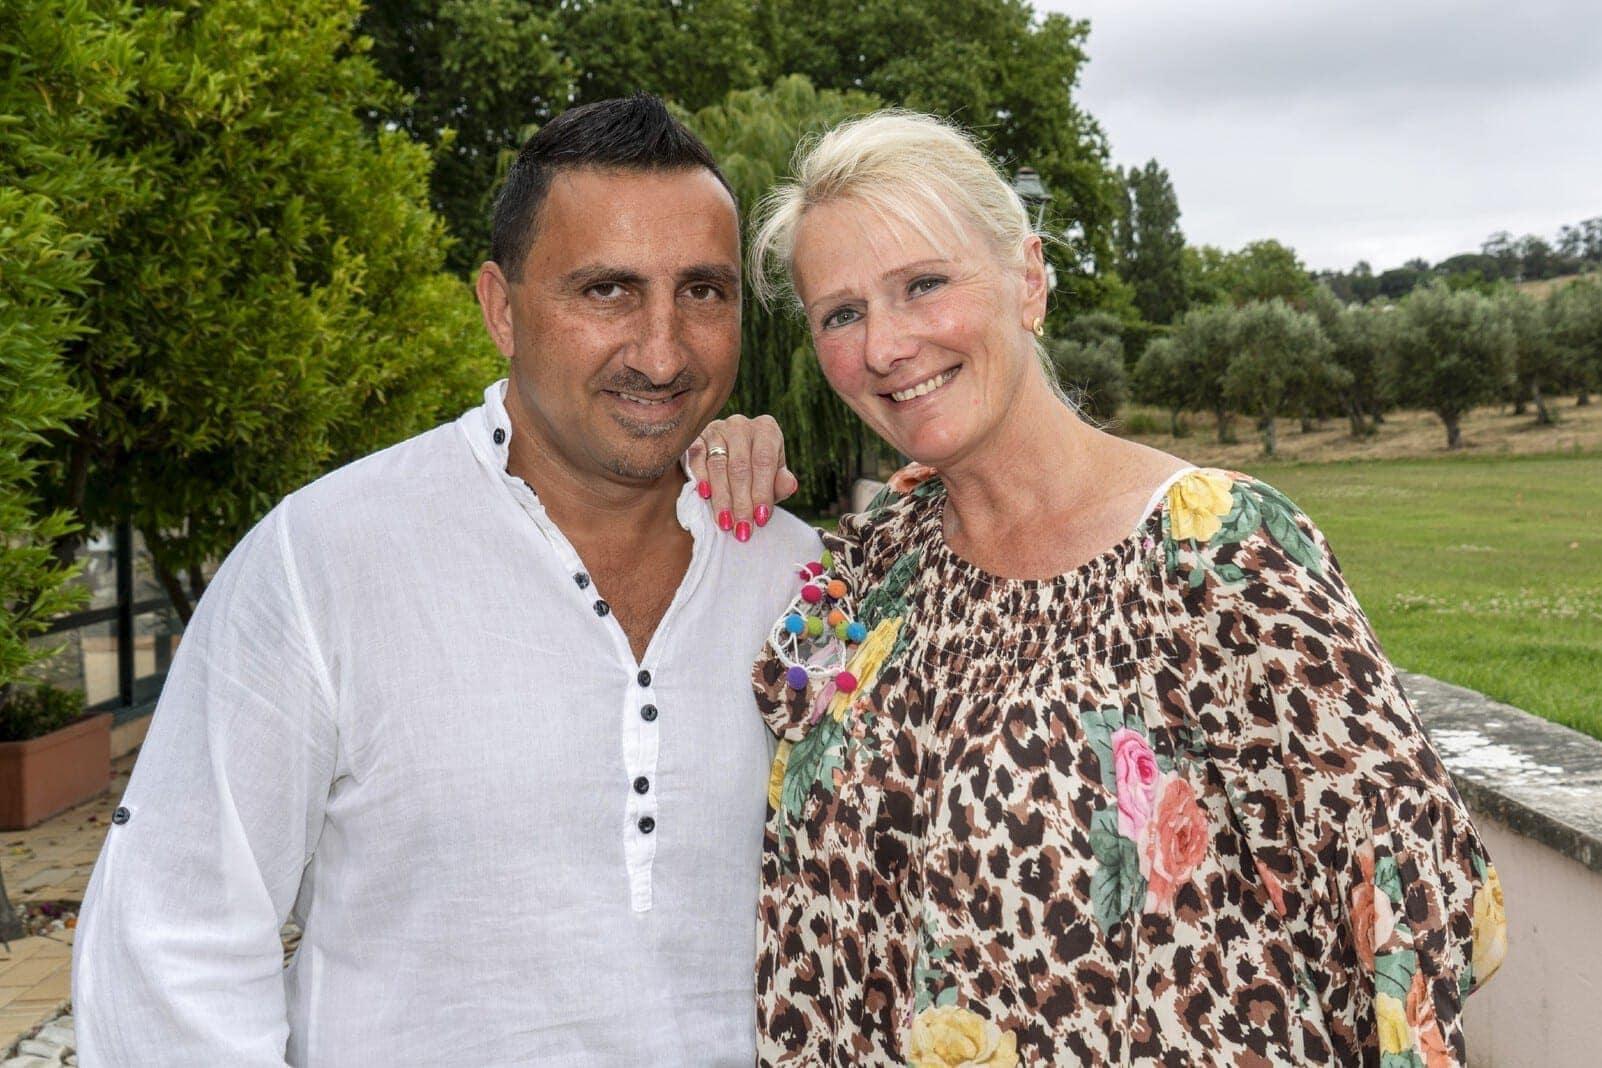 Steffi und Roland Bartsch Sommerhaus der Stars